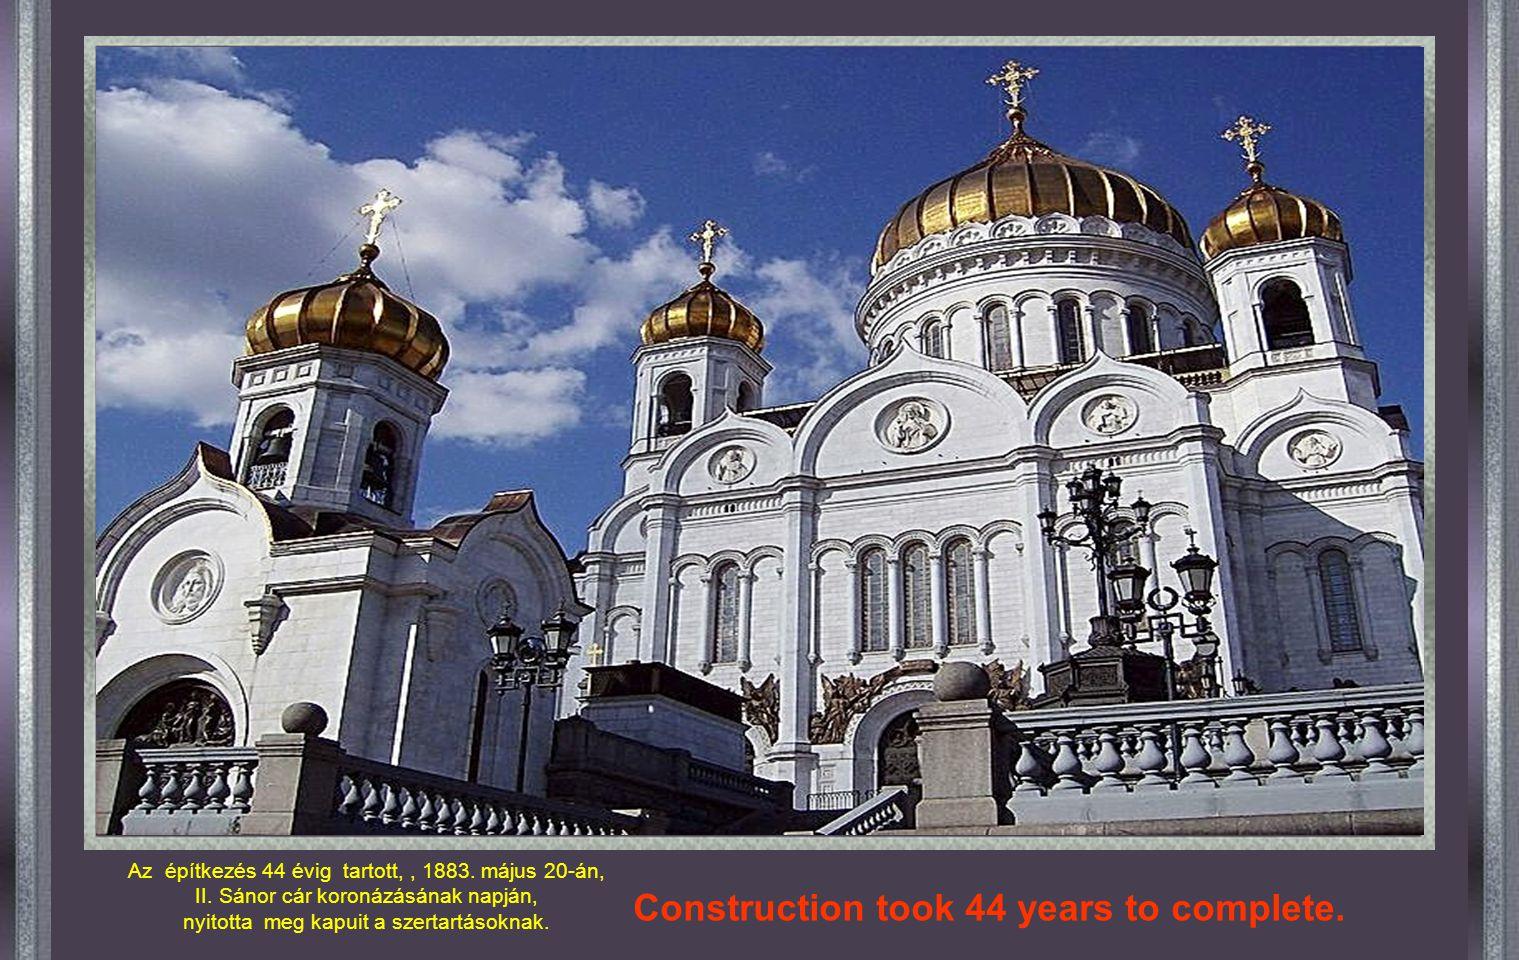 """MOSzkva MEGVÁLTÓ KRISZTUS Székesegyház 1812-ben, amikor a francia csapatokat kiűzték Oroszországból, I. Sándor cár építtetett egy templomot """"Megváltó"""